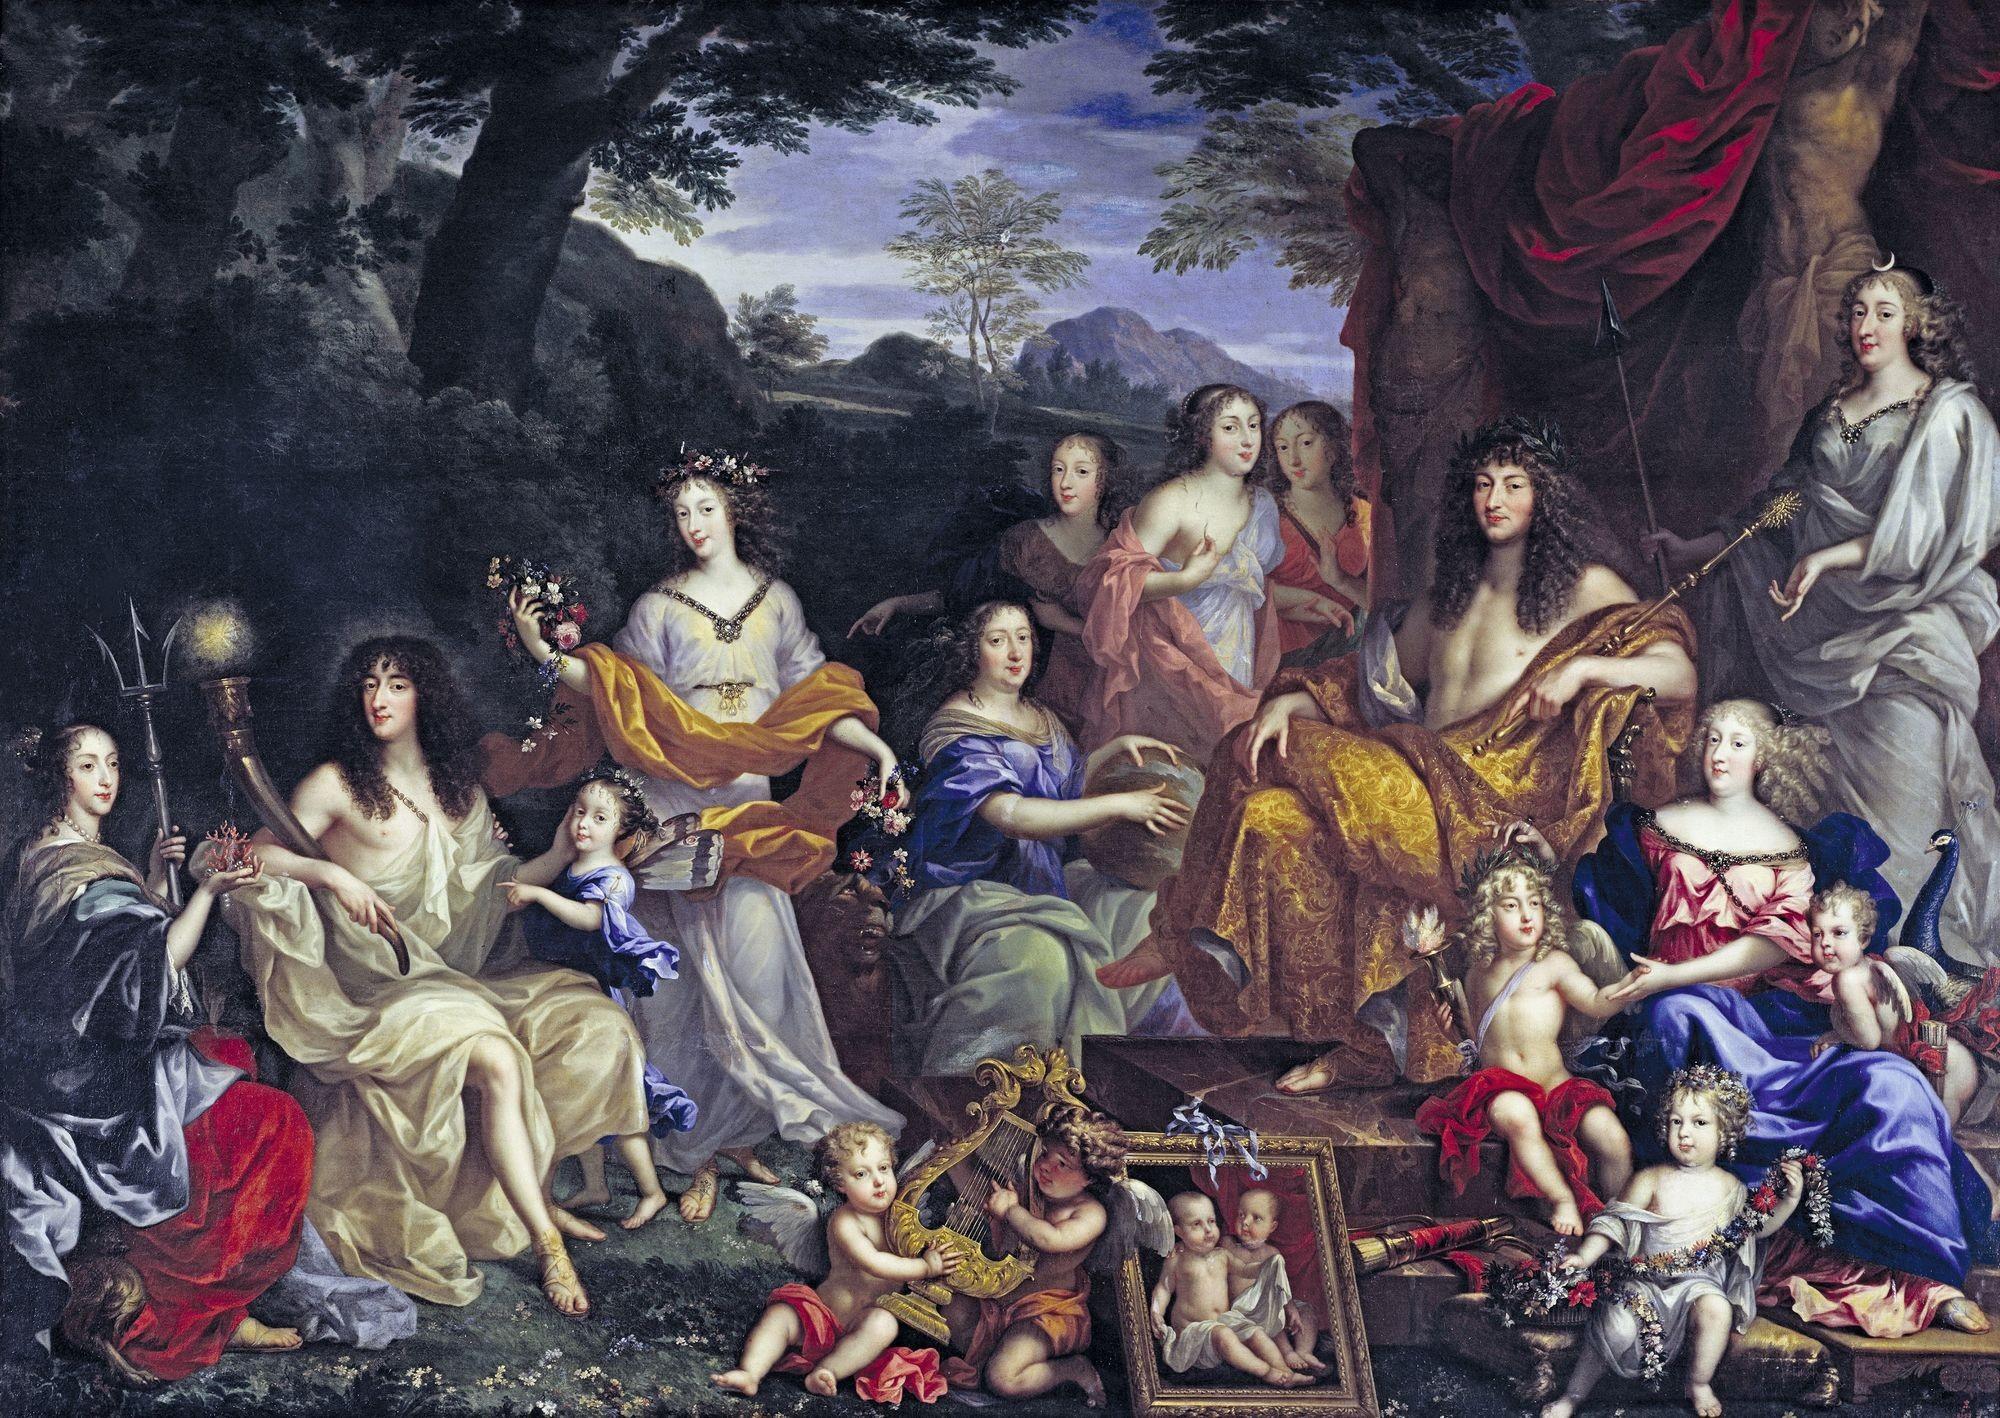 Jean Nocret, Louis‑XIV et la famille royale, 1670, huile sur toile, 305 x 420 cm, château de Versailles